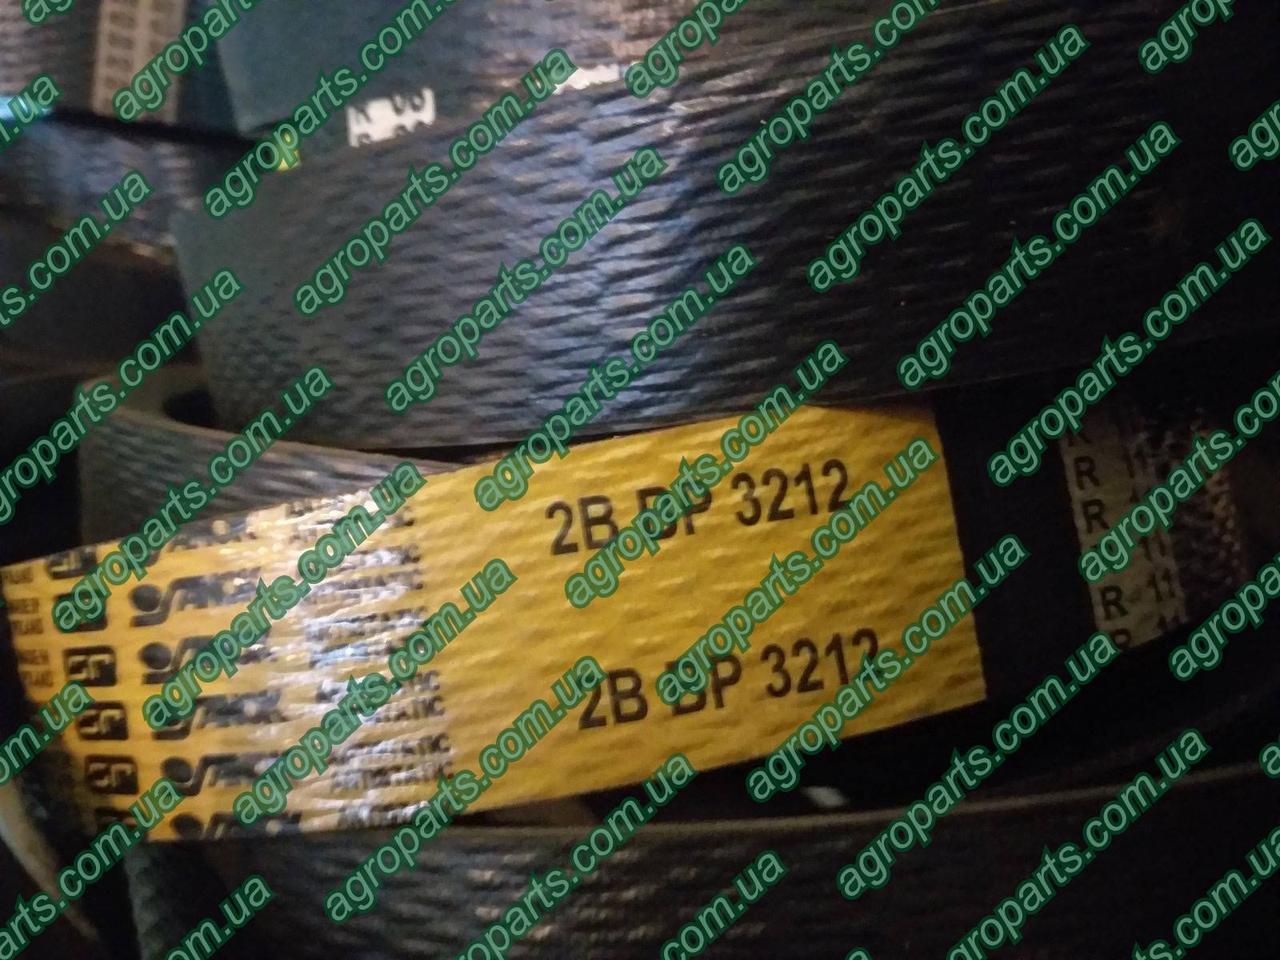 Ремень 2B BP 3212 усиленный ремни Sanok Belts пас 3212-2HB